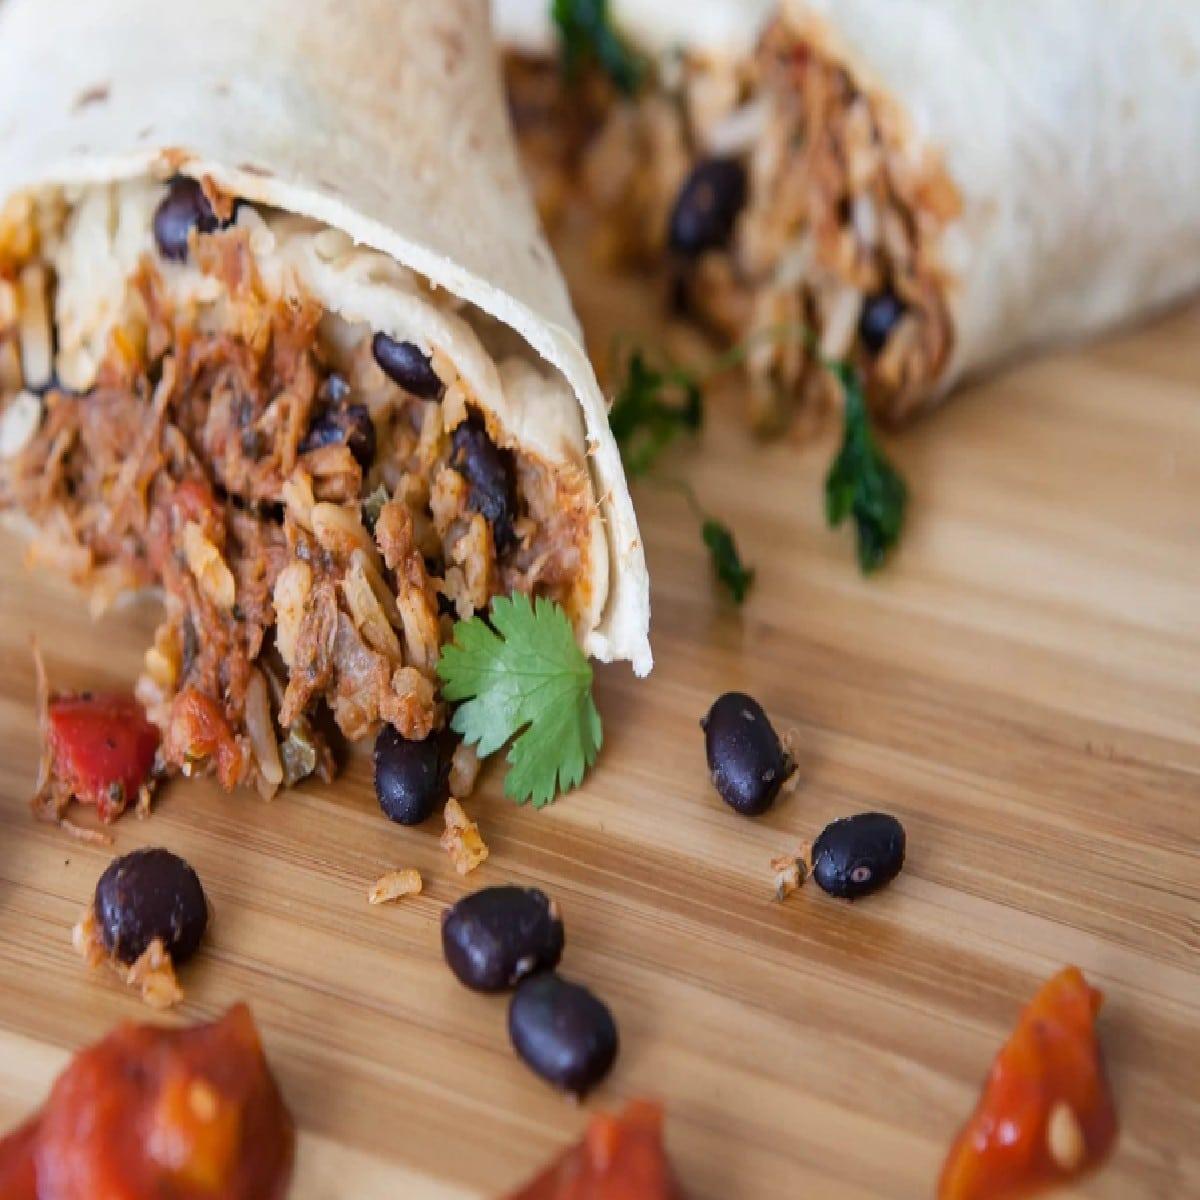 La cuisine mexicaine est très présente aux États-Unis